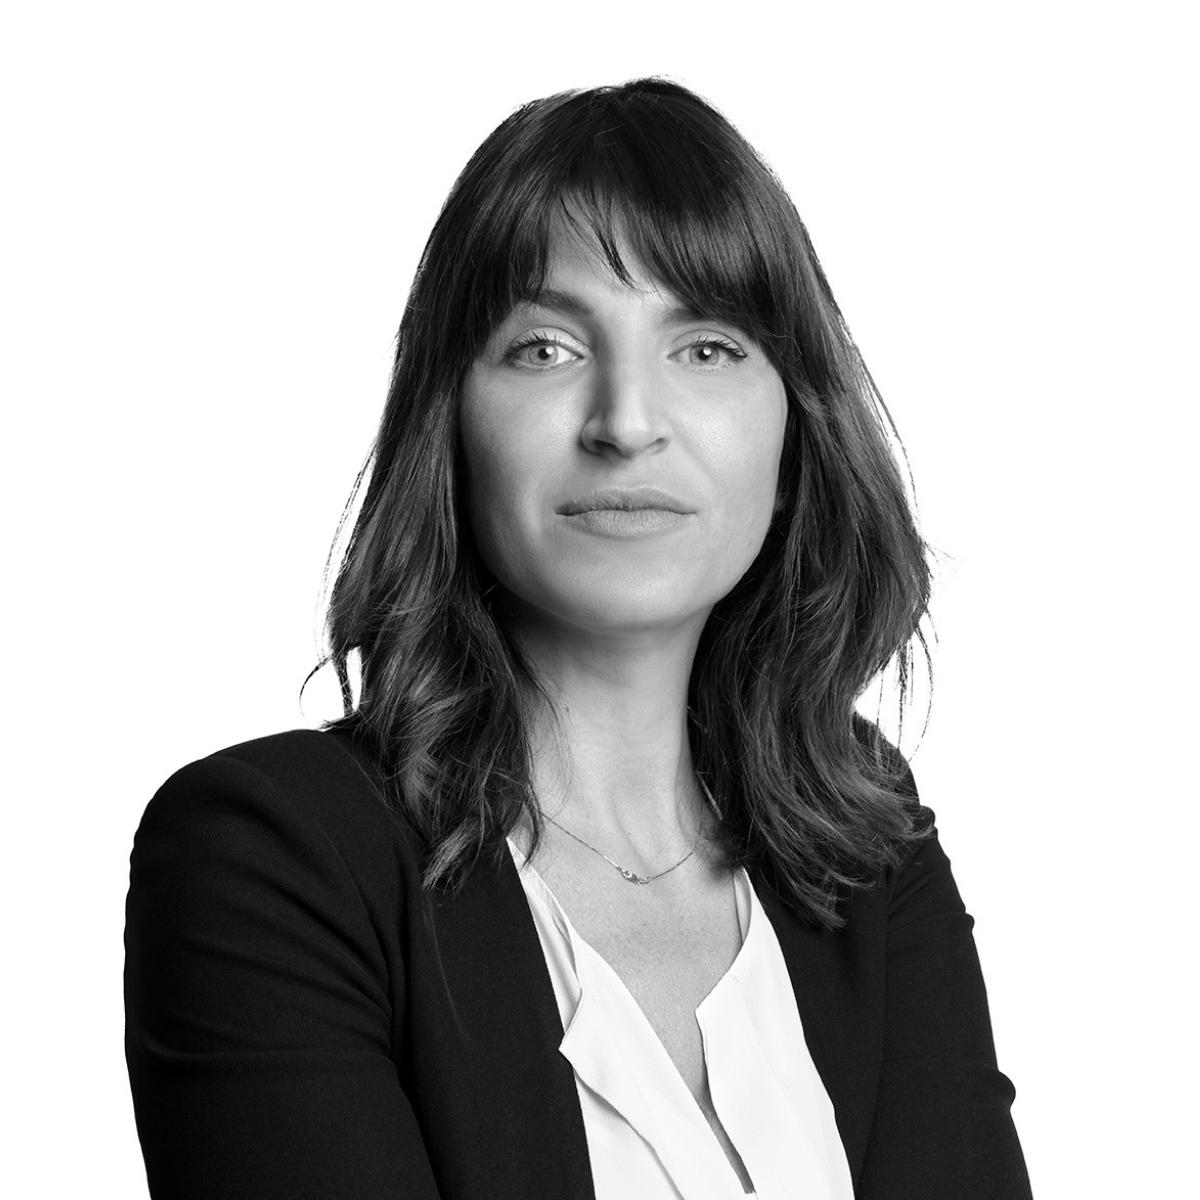 Marta Scarparo